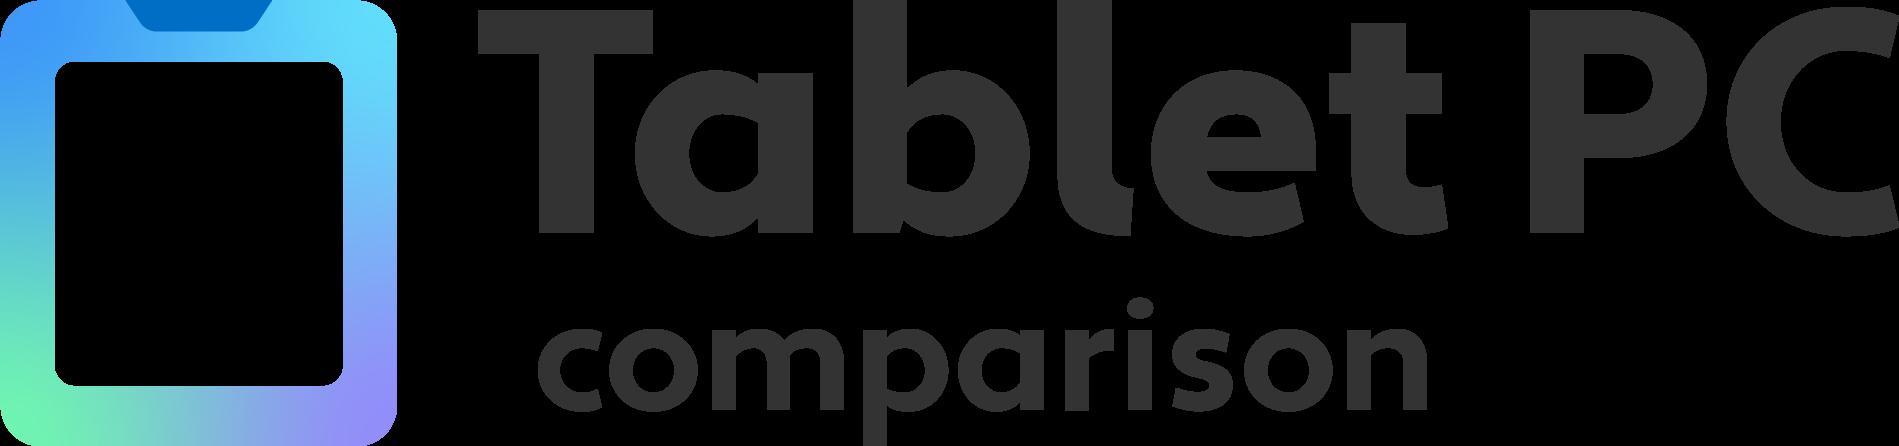 Tablet-PC-Comparison-Logo-positive